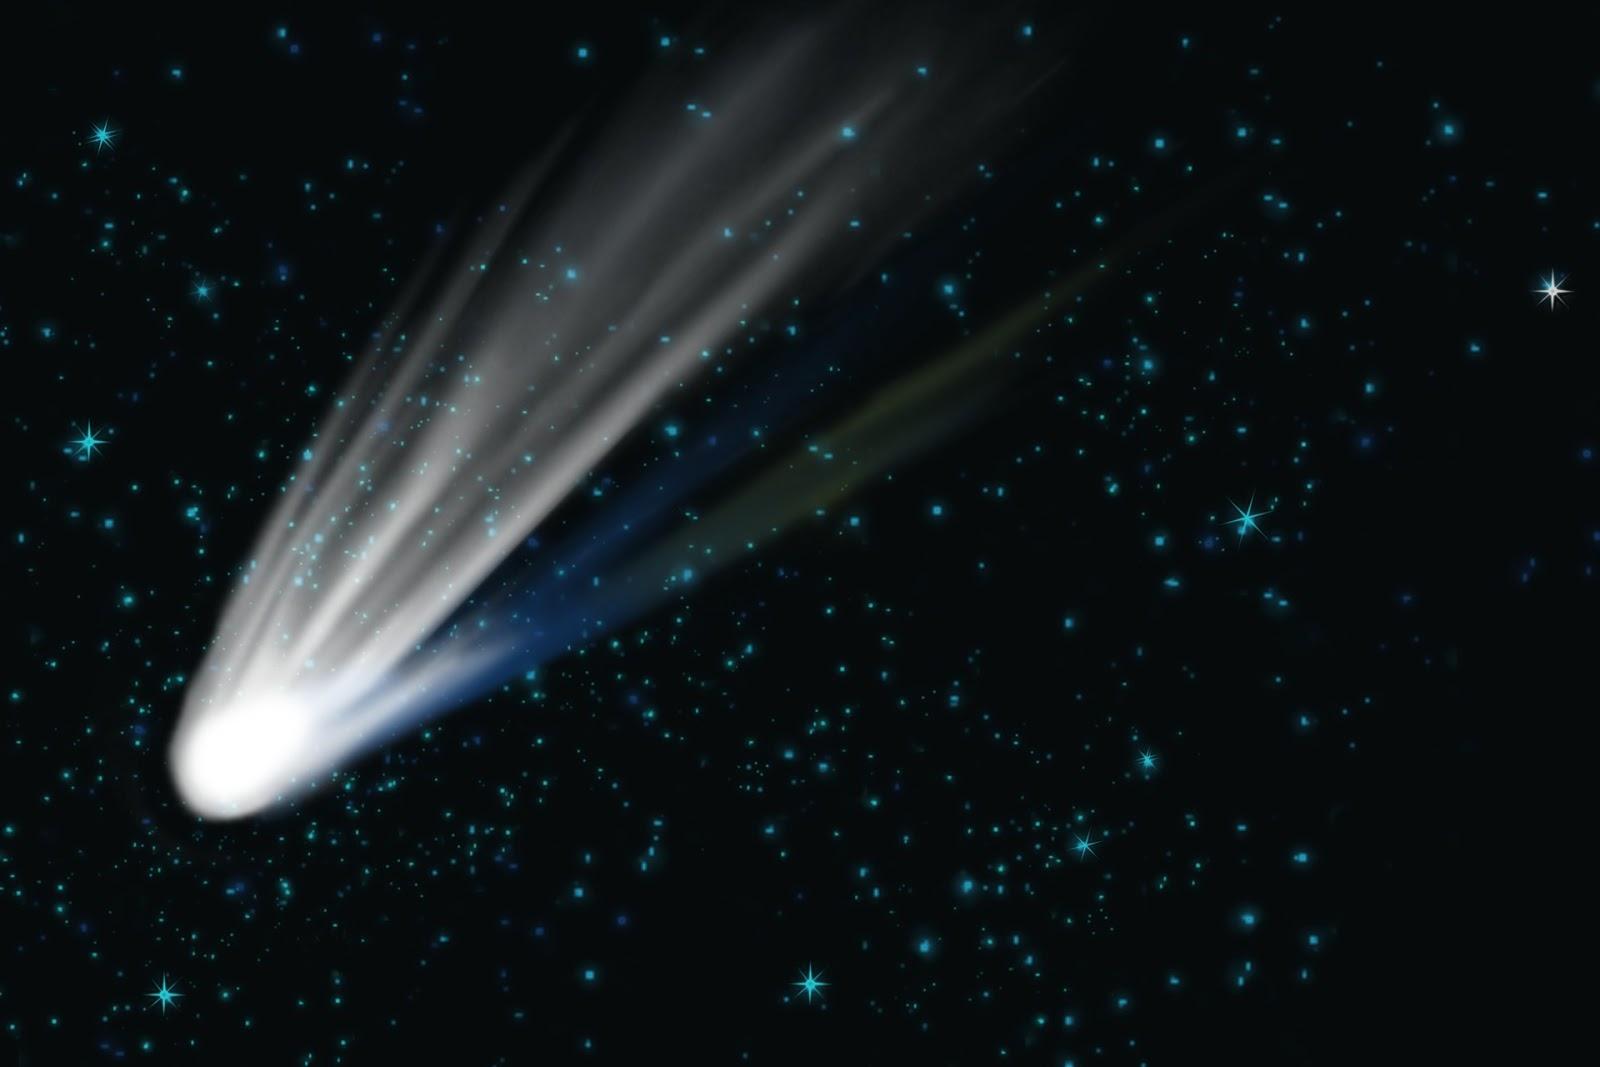 Elhoim Leafar: Los Cometas En La Astrología Y La Magia